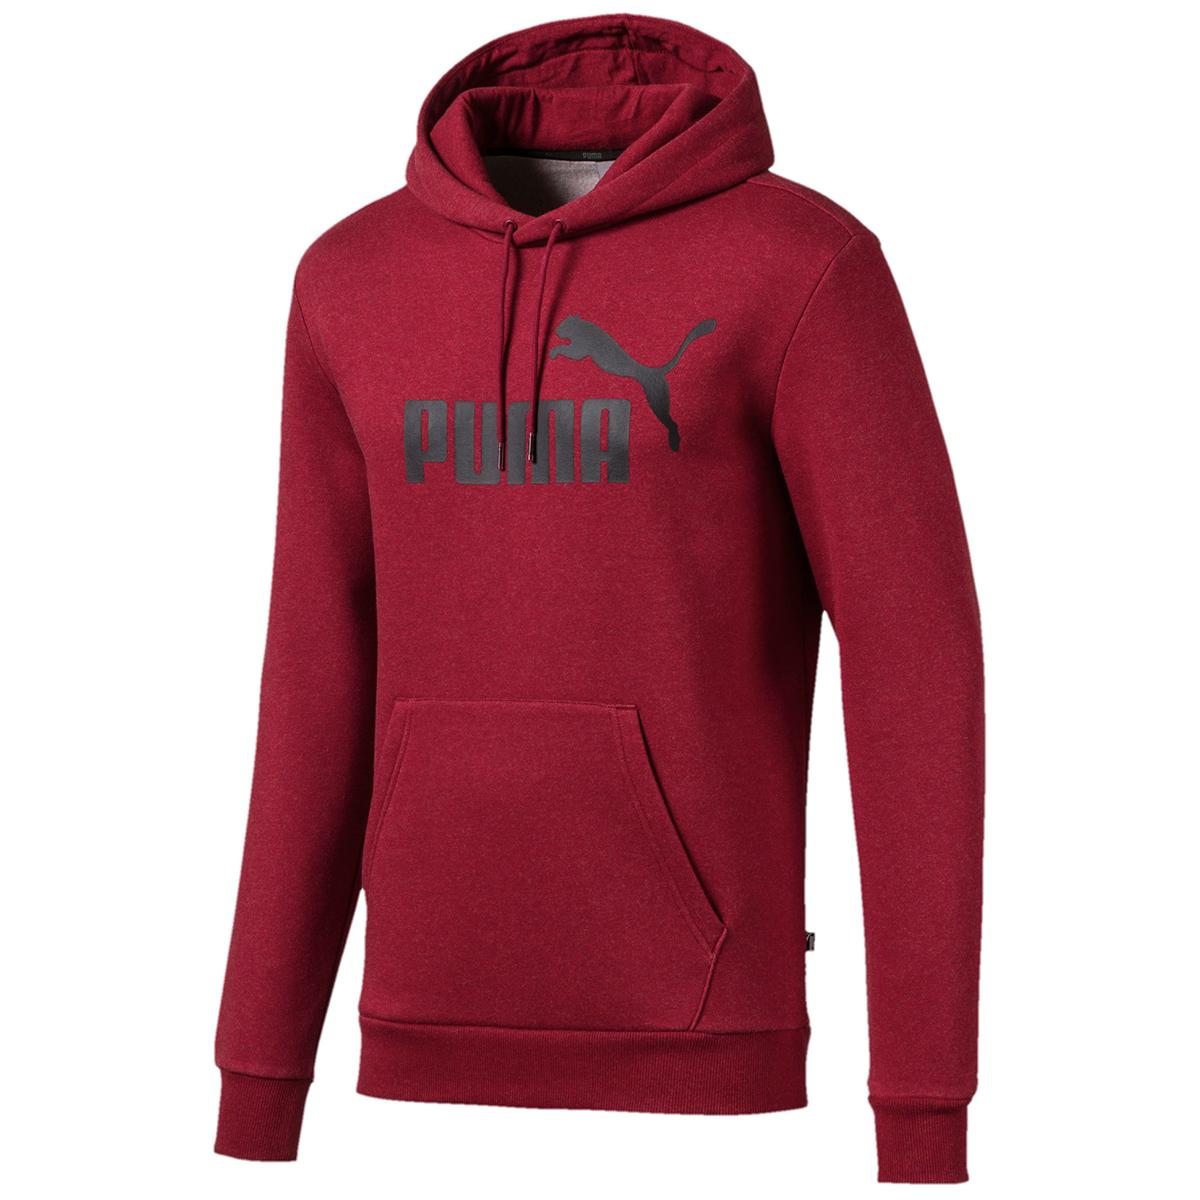 Puma Men's Essential Fleece Hoodie - Red, XXL